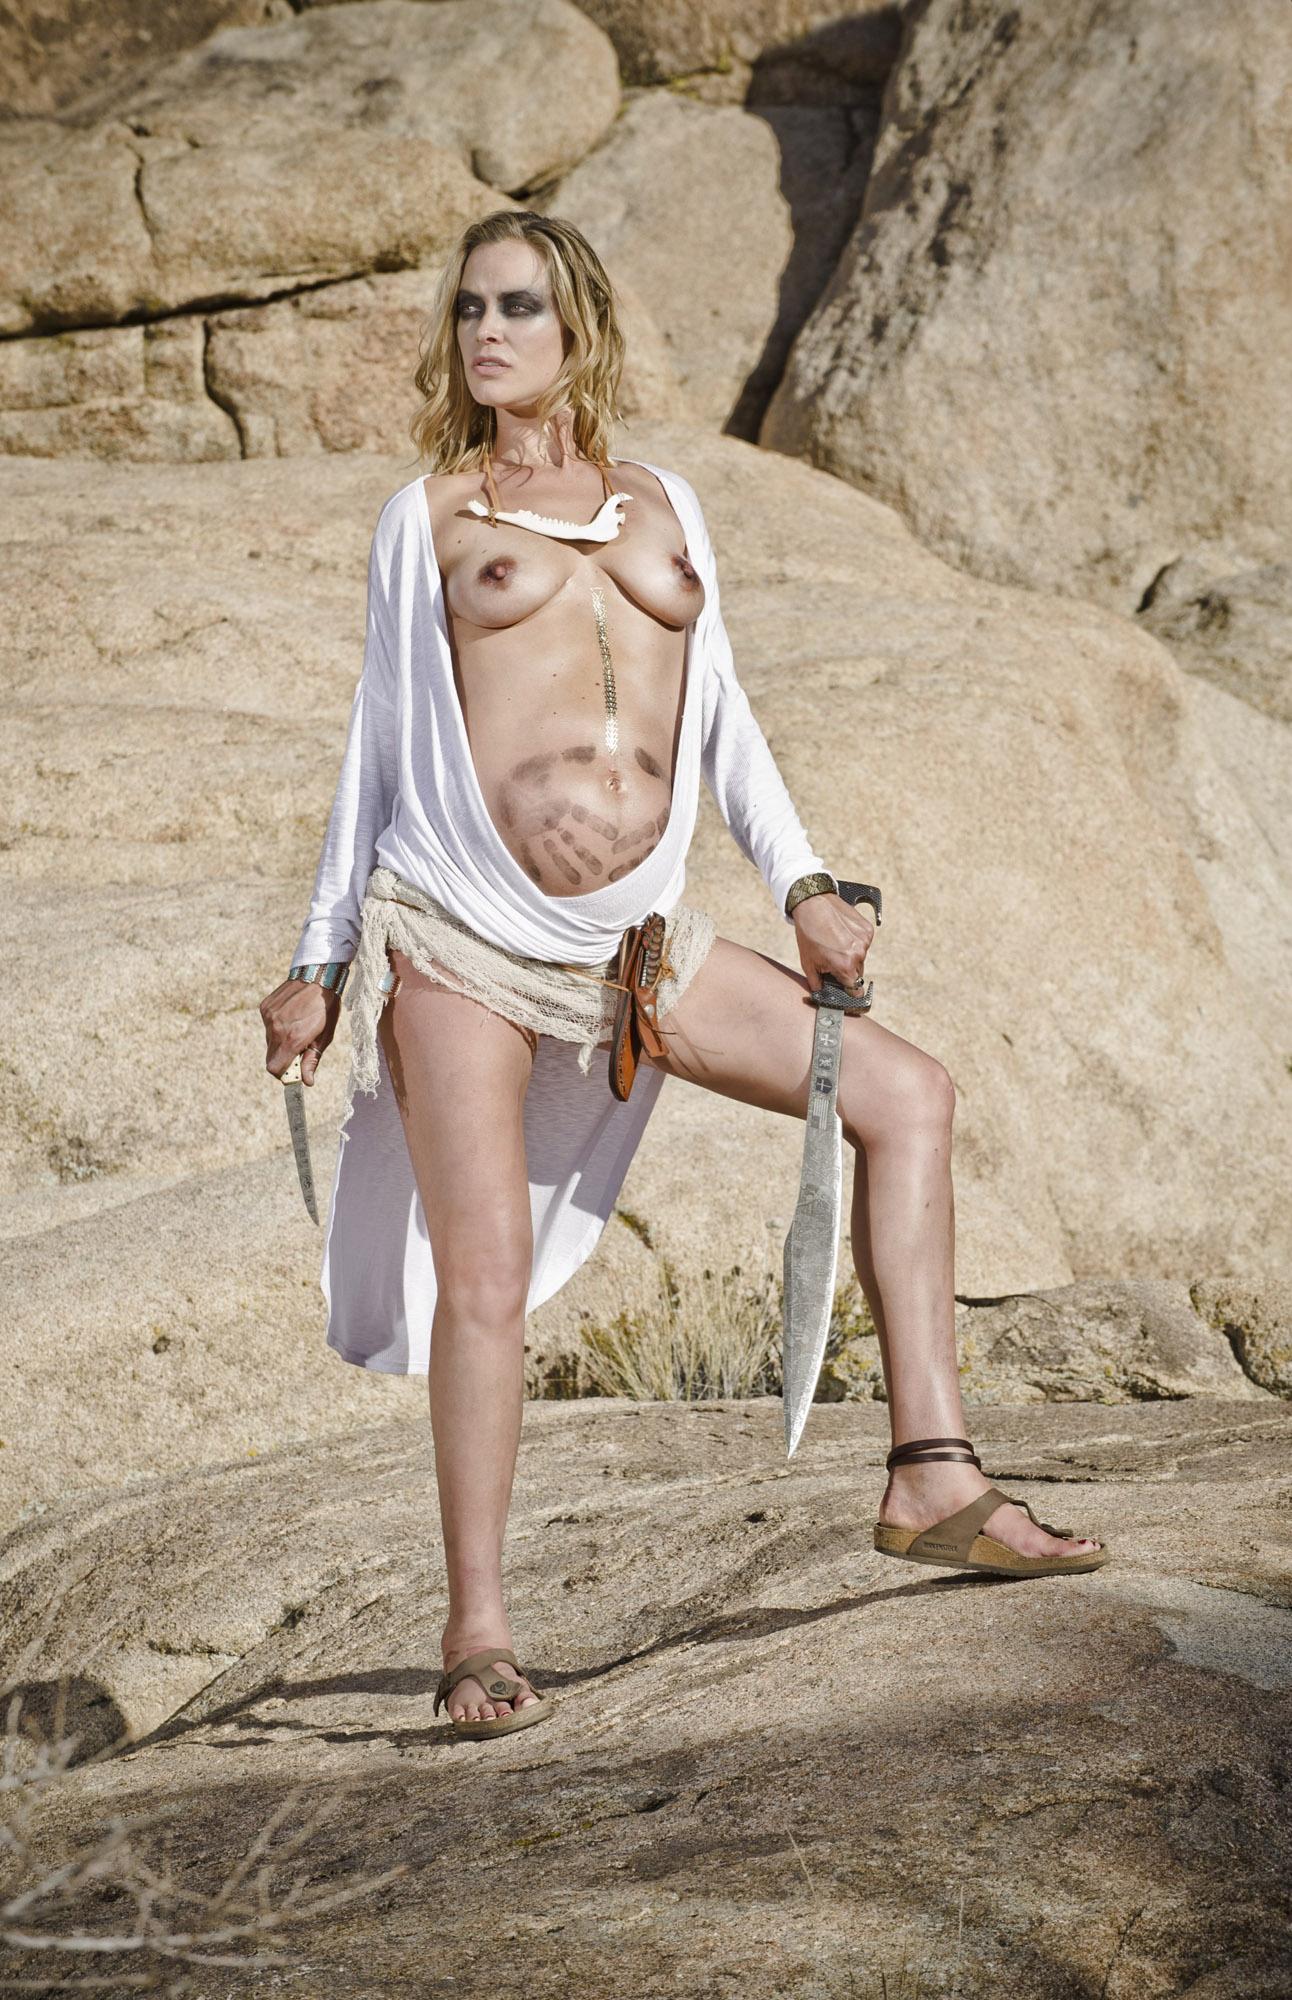 Kristanna loken tits